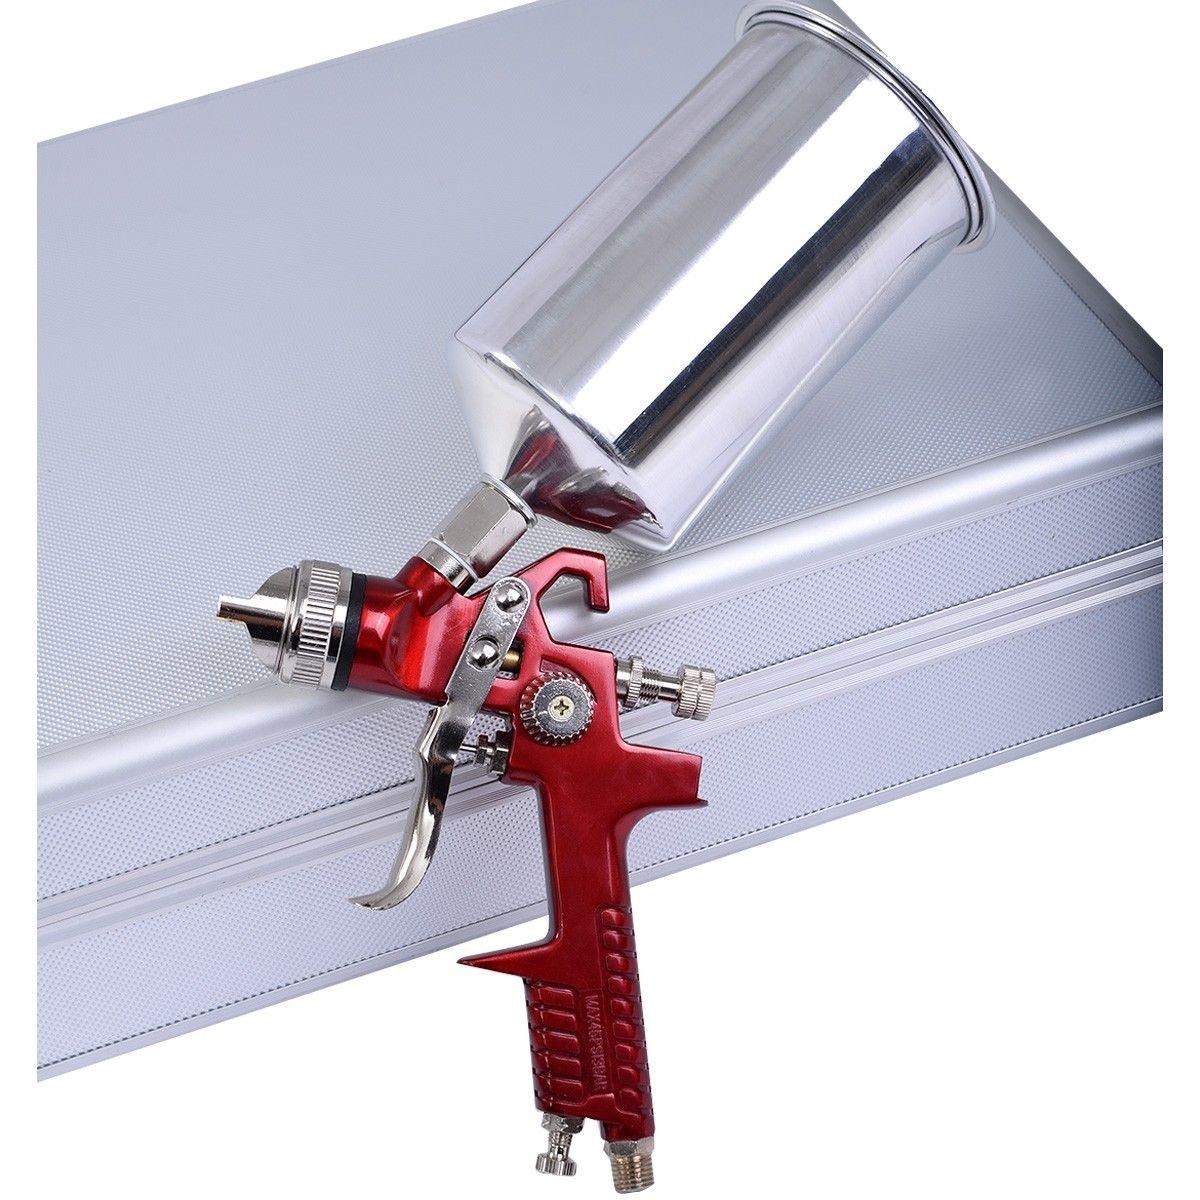 Car Spray Kit Matte: 3 HVLP Air Spray Gun Kit Auto Paint Car Primer Detail